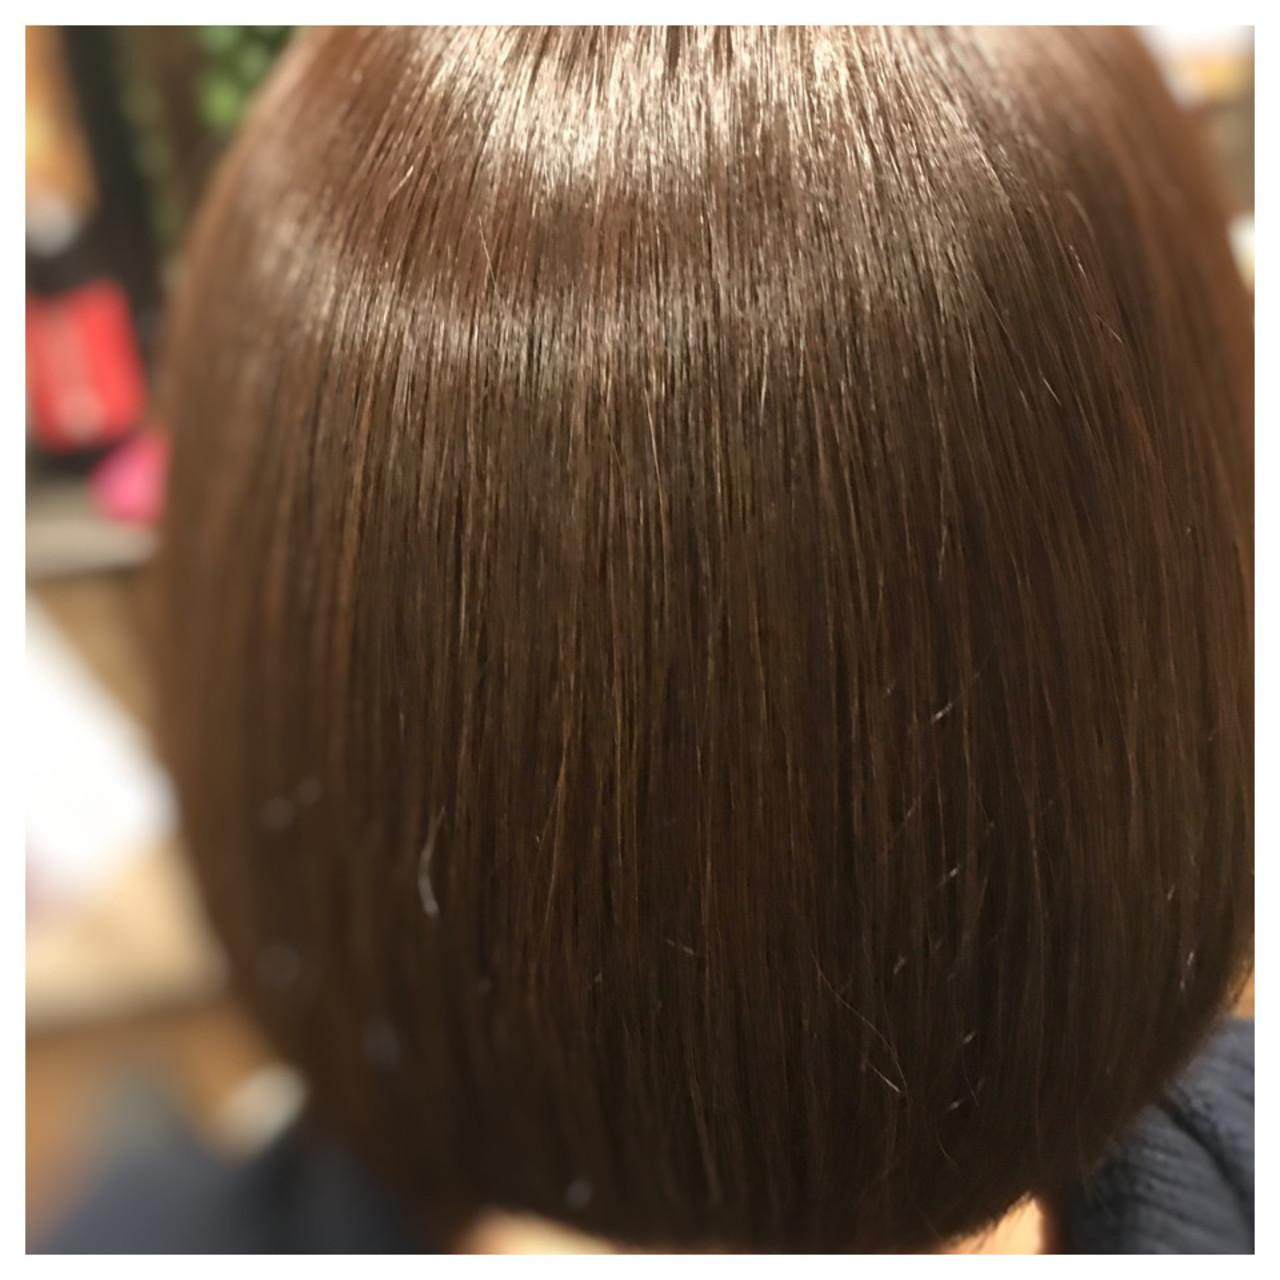 ヘアカラーはナチュラルテイストですが、アッシュベージュをホワイトで少しまろやかに! 髪質に合わせてoggiottoヘアケアを施し艶つやサラサラに! まとまりのあるボブスタイルも柔らか質感に!  上品なヘアカラーやってみませんか?